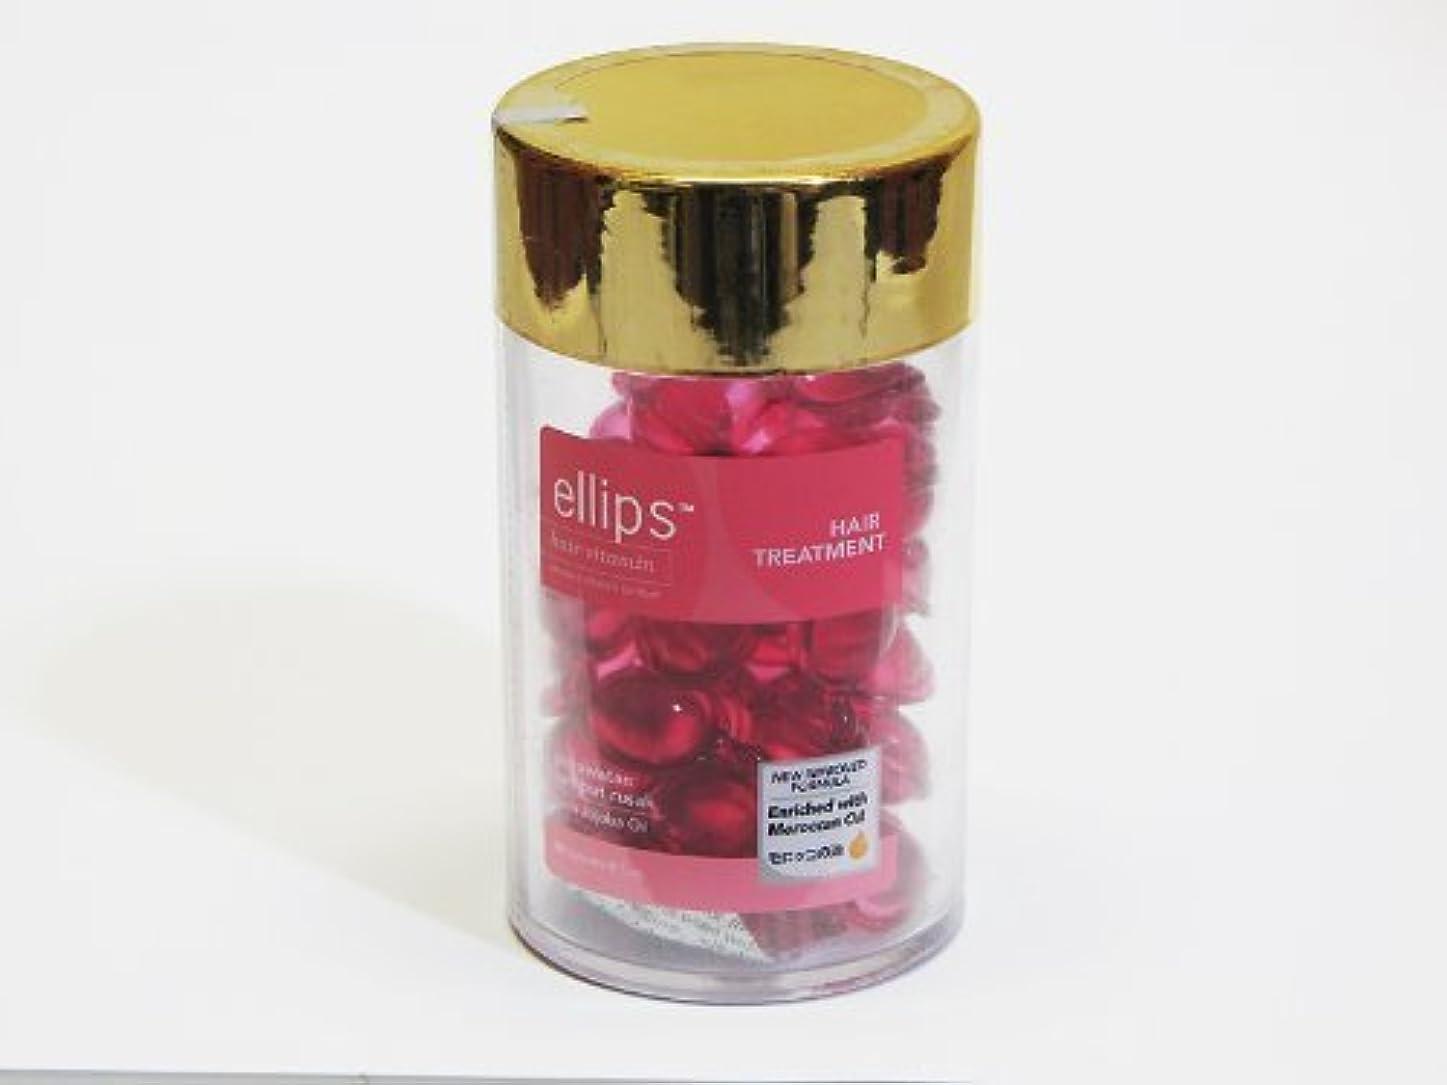 強いますするテーブルellips (エリプス) ヘアービタミン トリートメント 50粒入り ピンク (並行輸入)